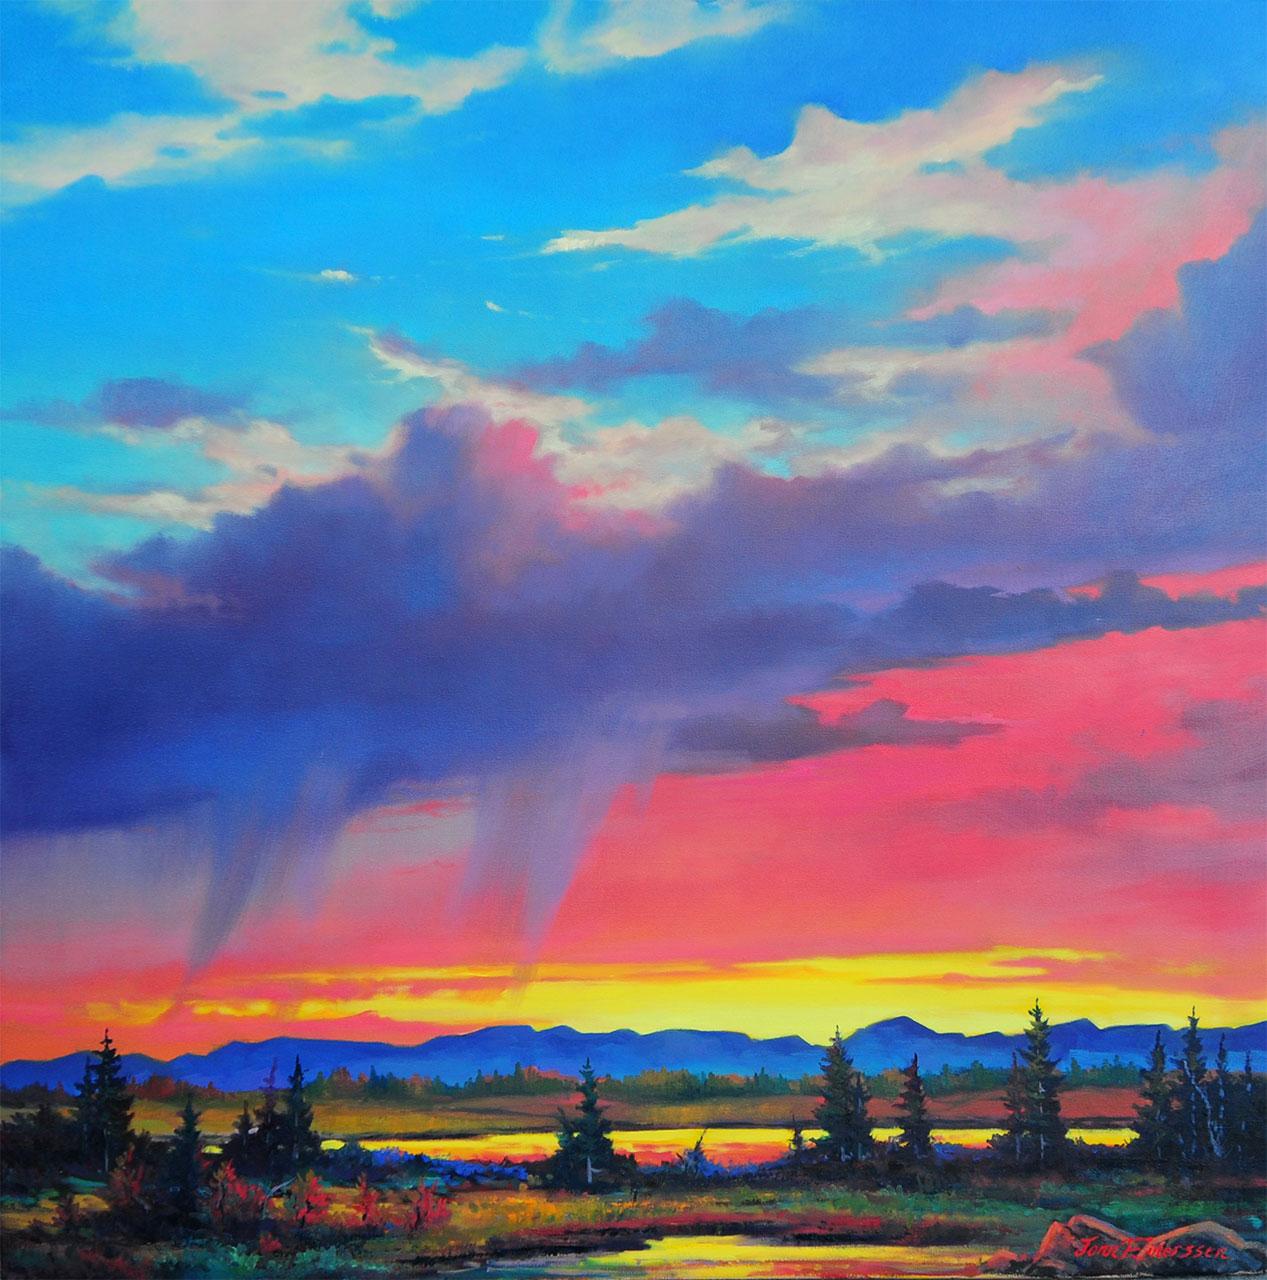 Art Country Canada - Robert Bateman - Worlds most